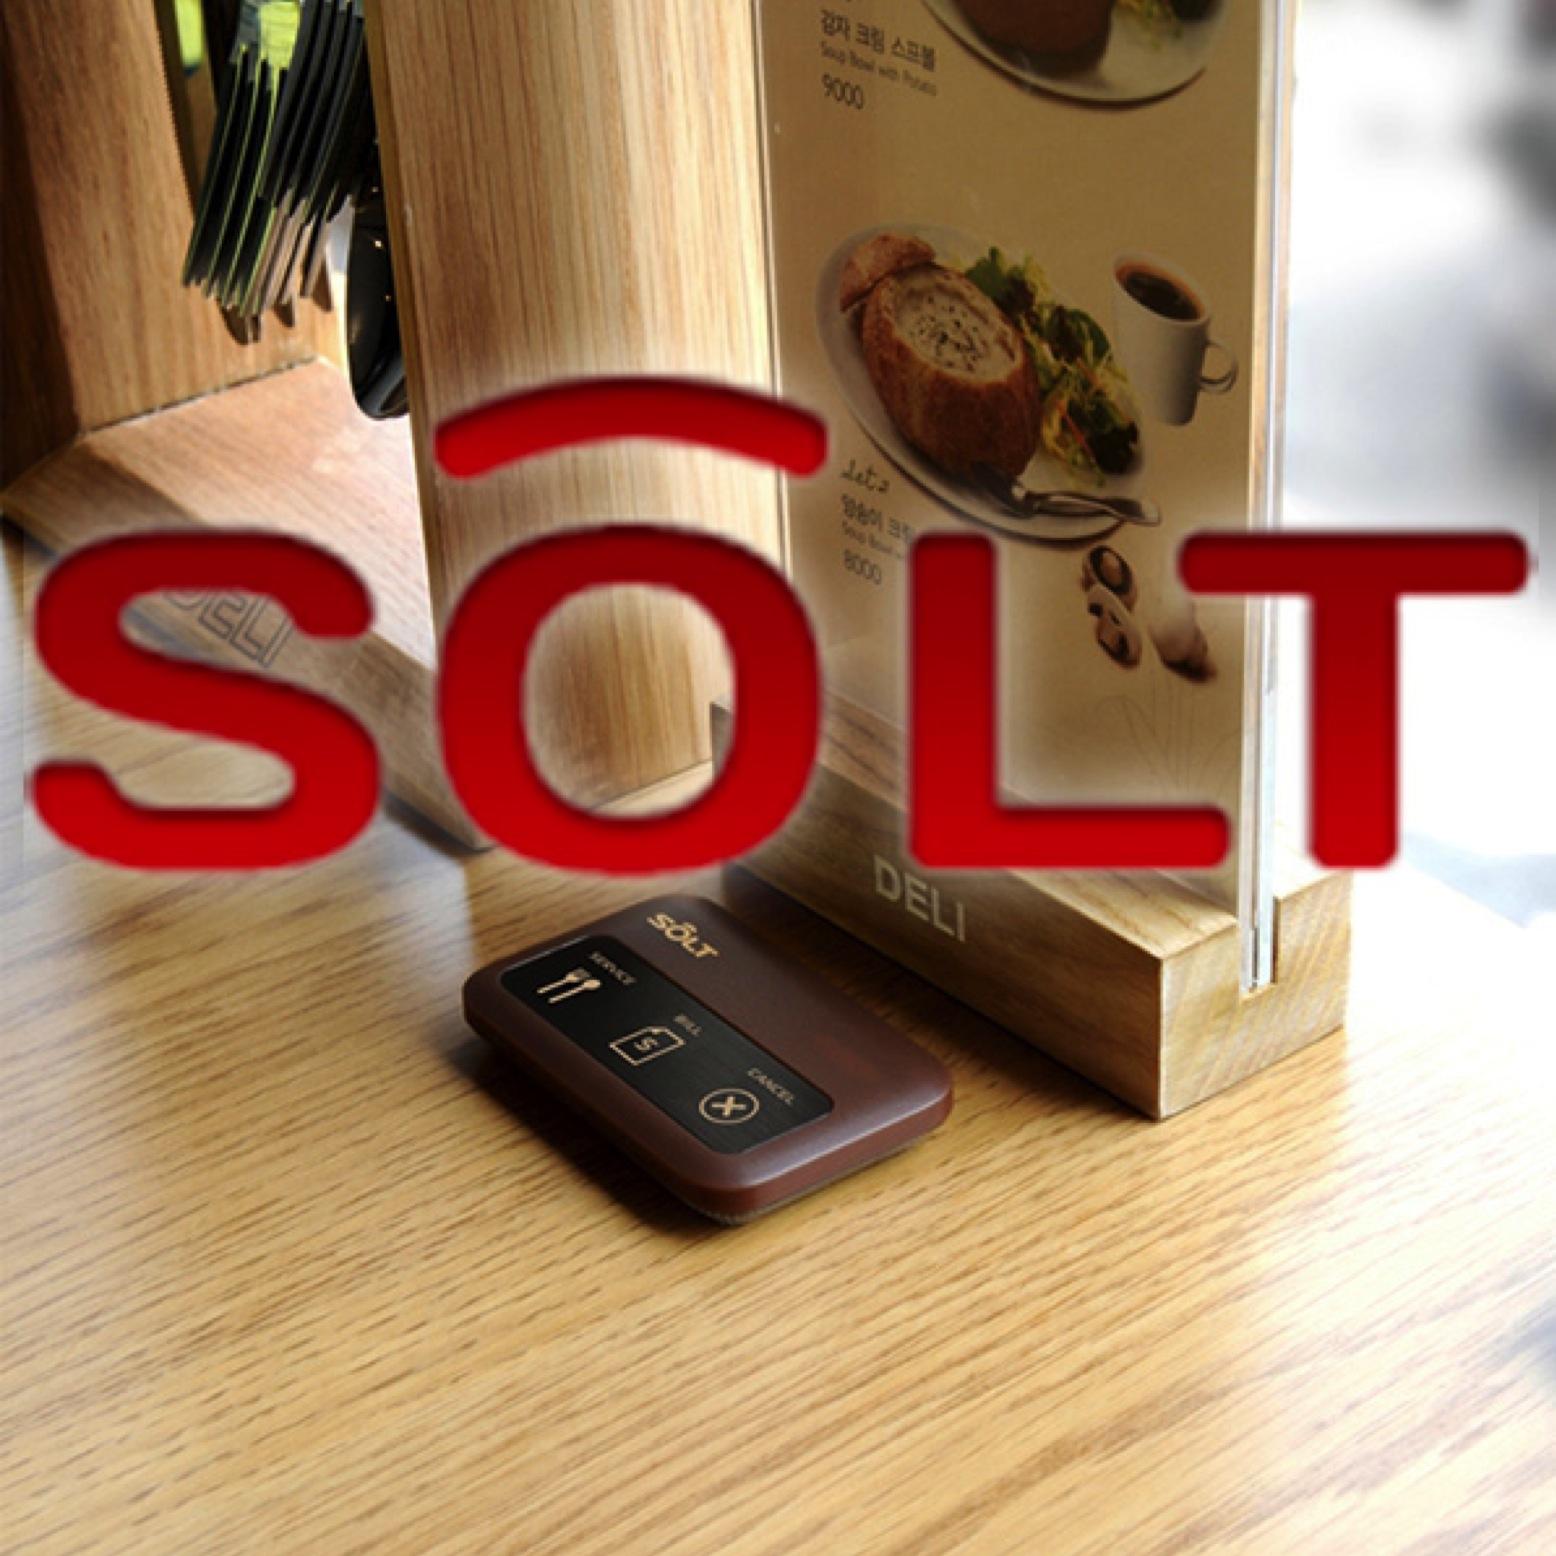 SHEPET NT дилер компании SOLT